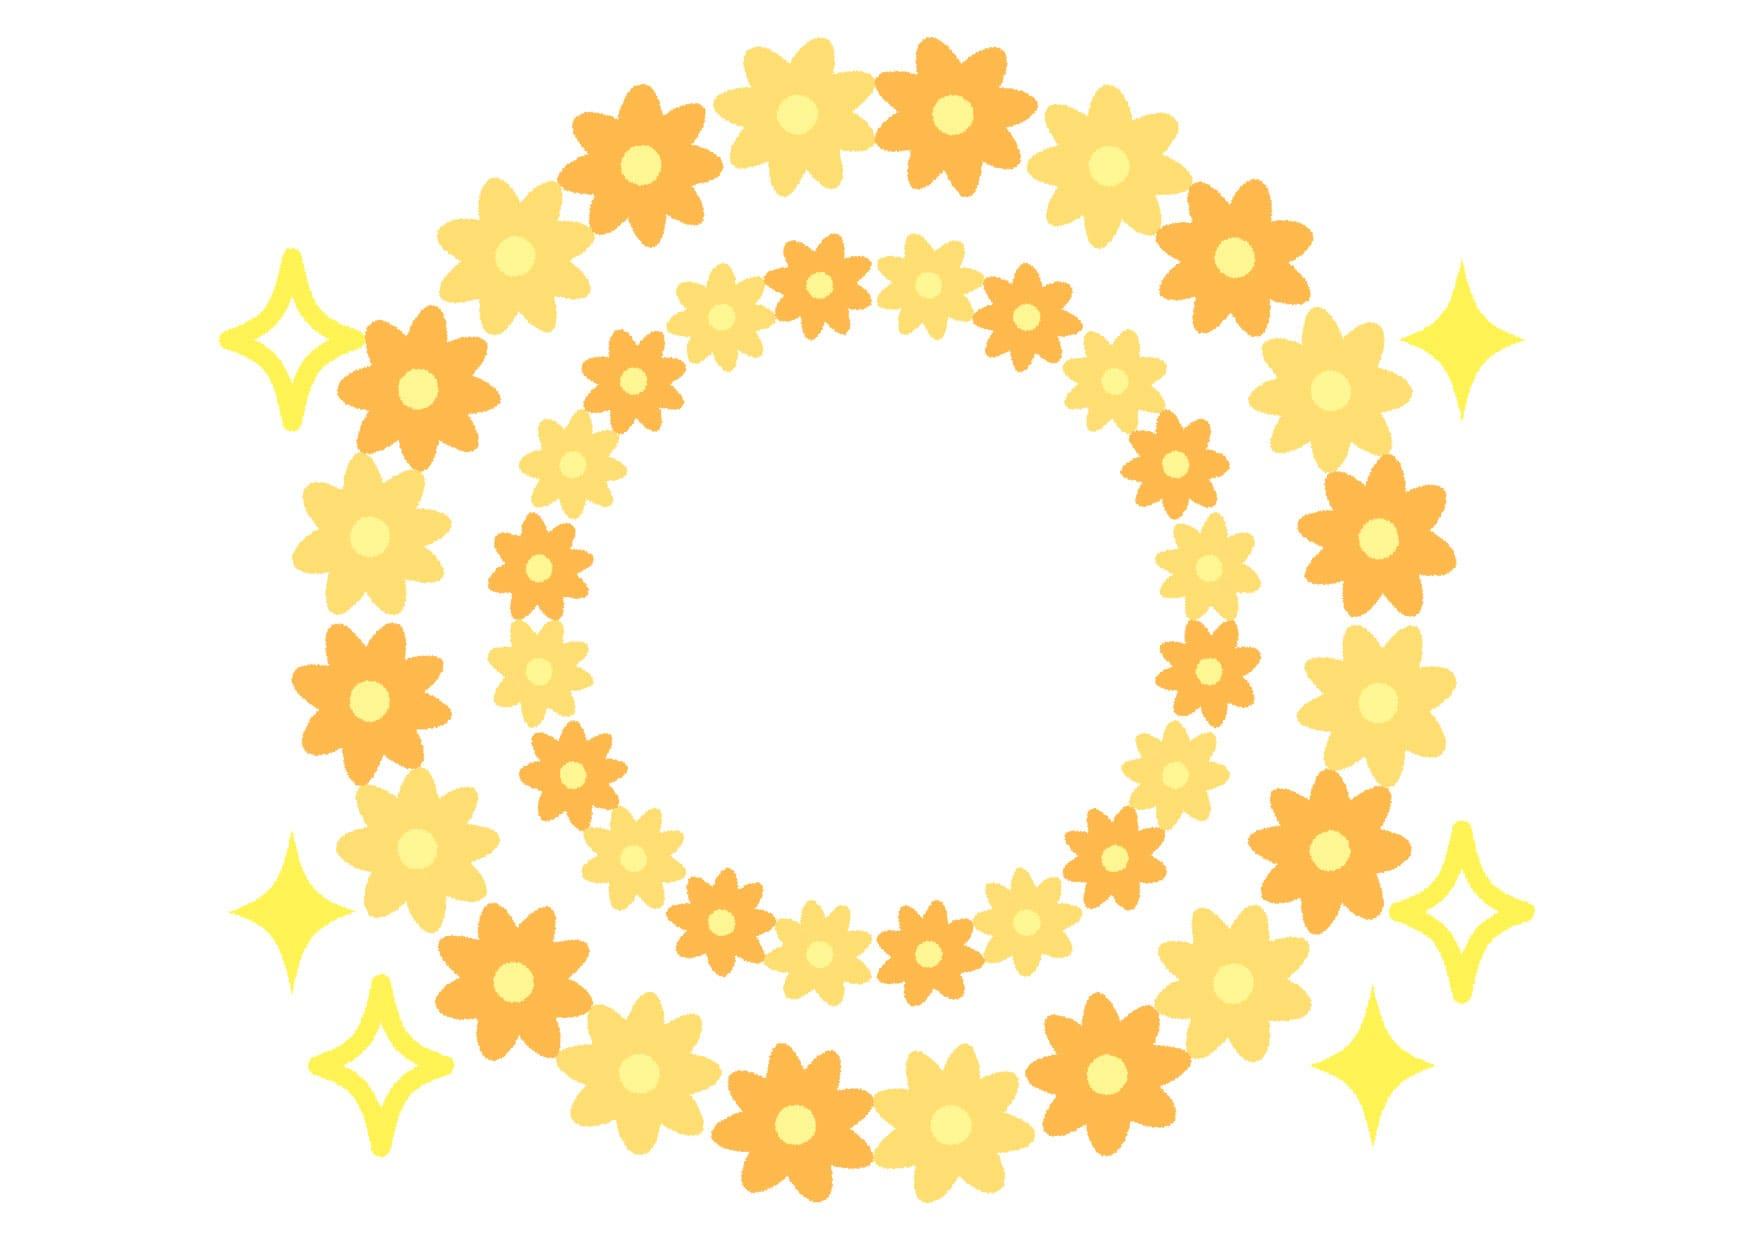 花 フレーム 黄色 キラキラ イラスト 無料